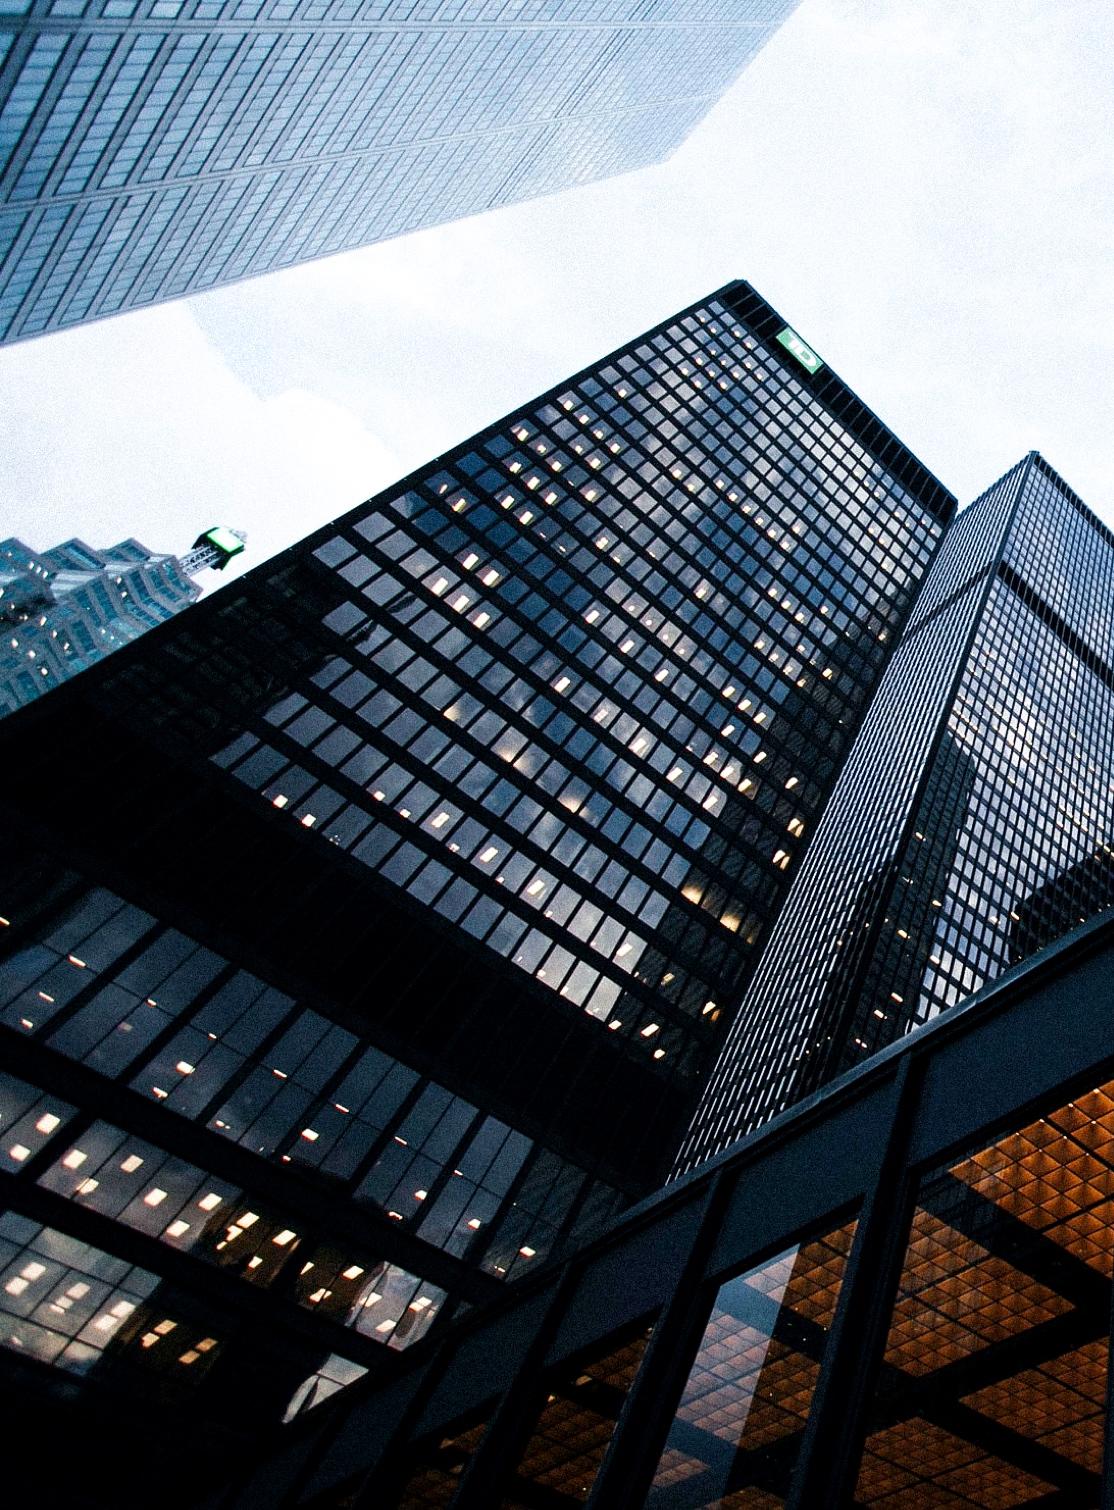 pov perspective on skyscrapper